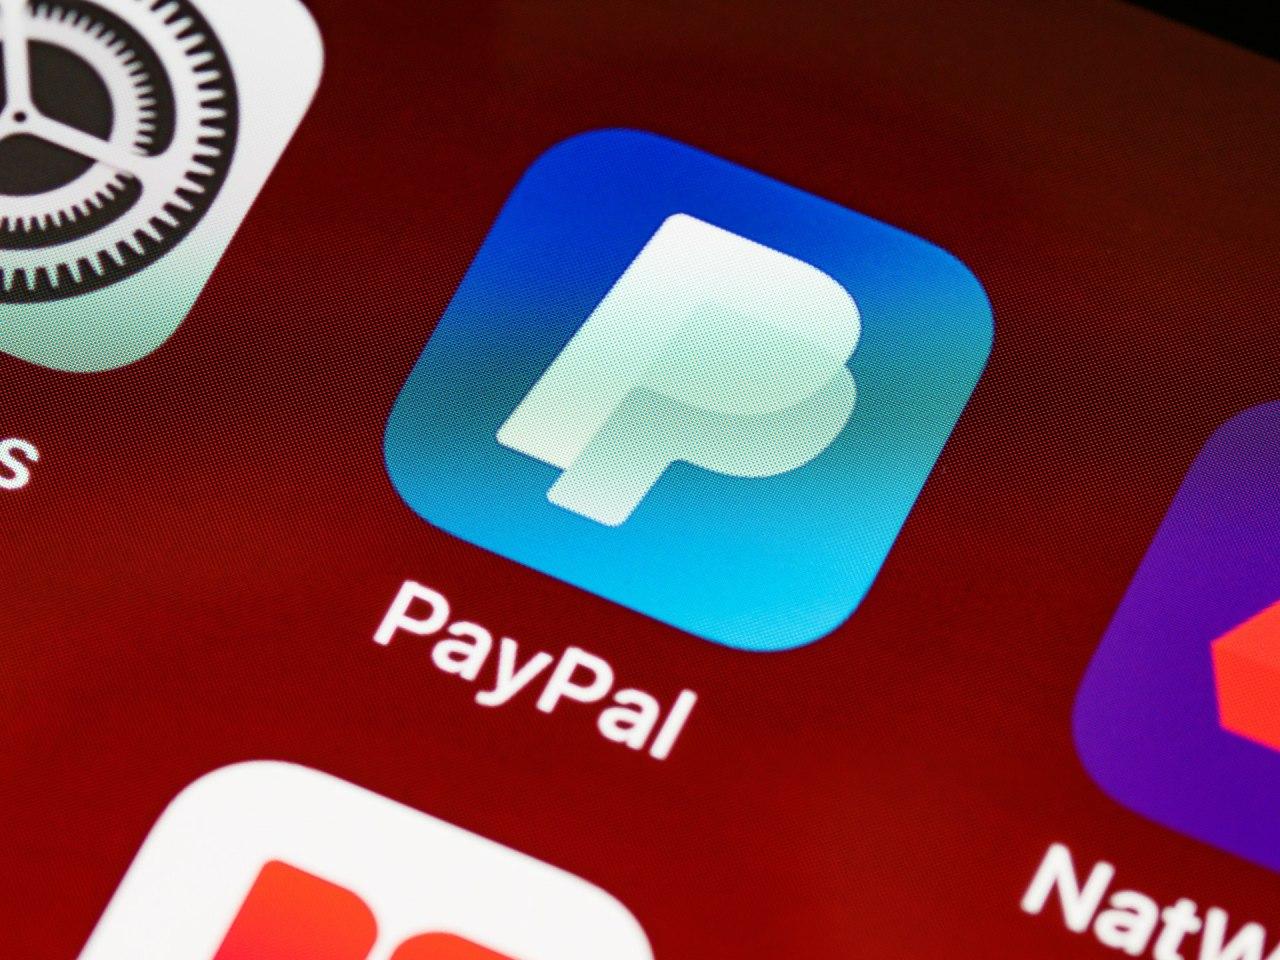 PayPal tendrá un nuevo departamento dedicado a criptomonedas y blockchain, mientras que los pagos con cripto llegarán en 2021 a su plataforma